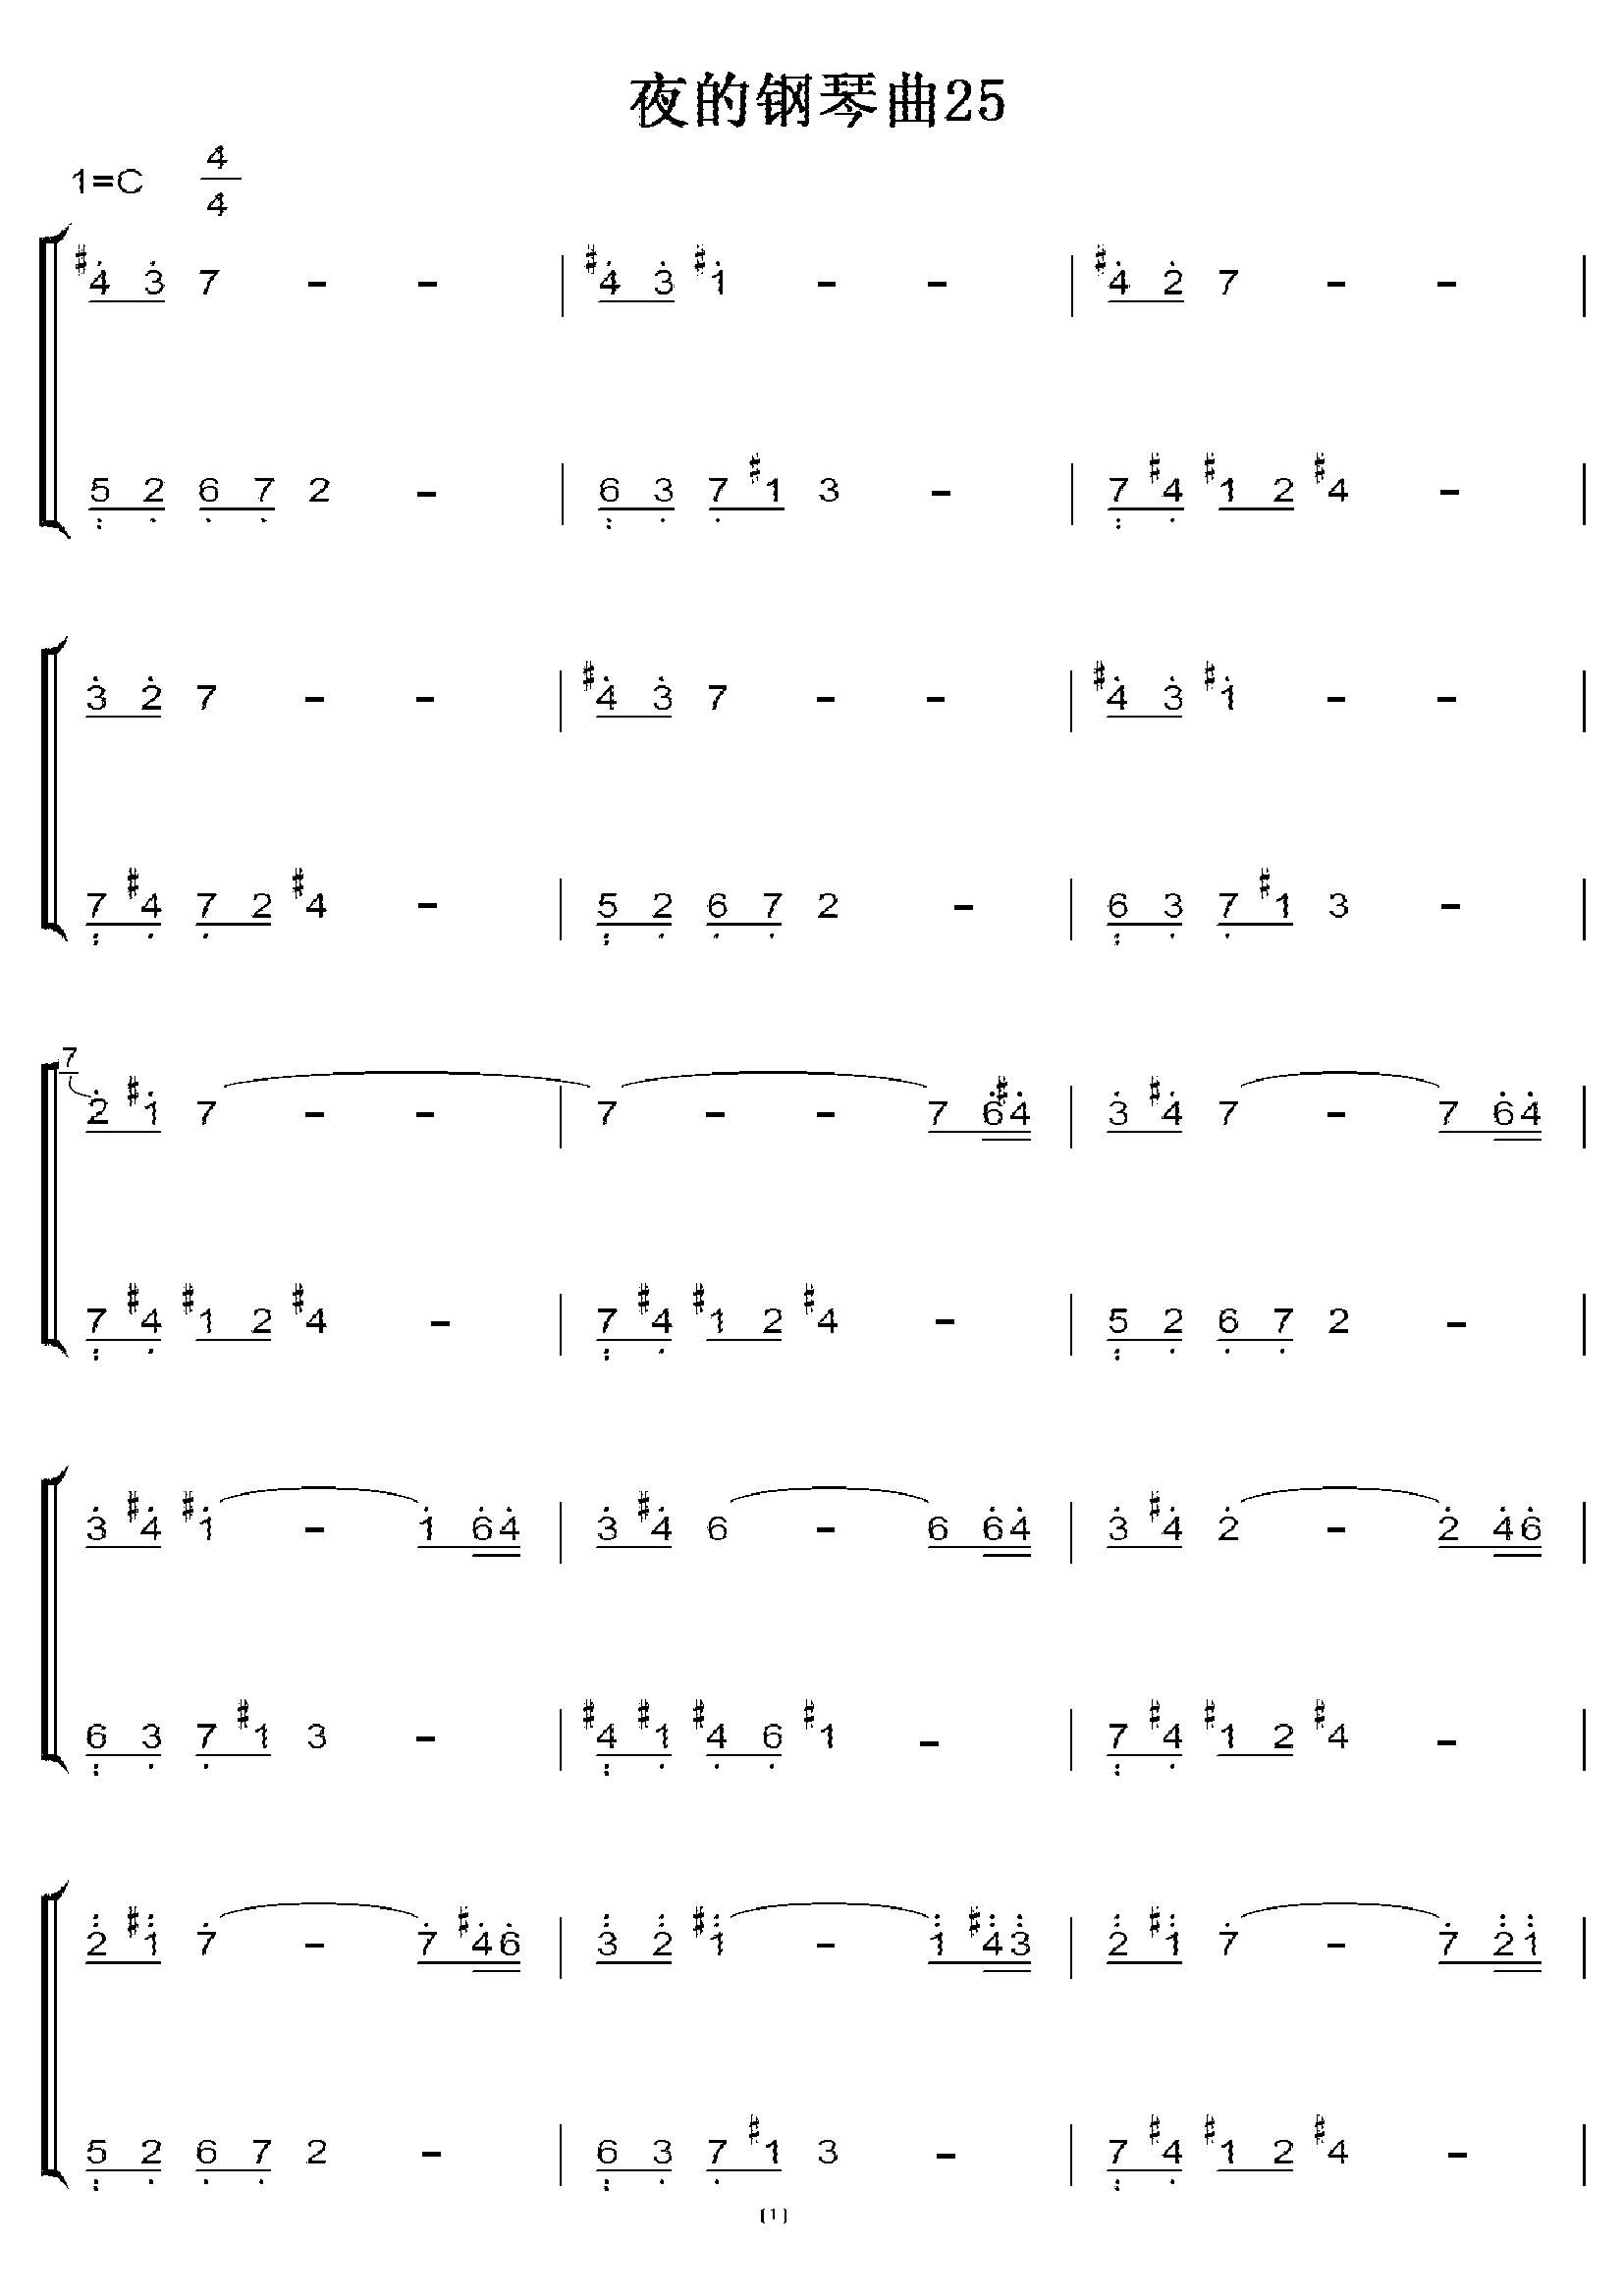 夜的钢琴曲二十五(石进) 初学者c调简易版 钢琴双手简谱 钢琴简谱图片